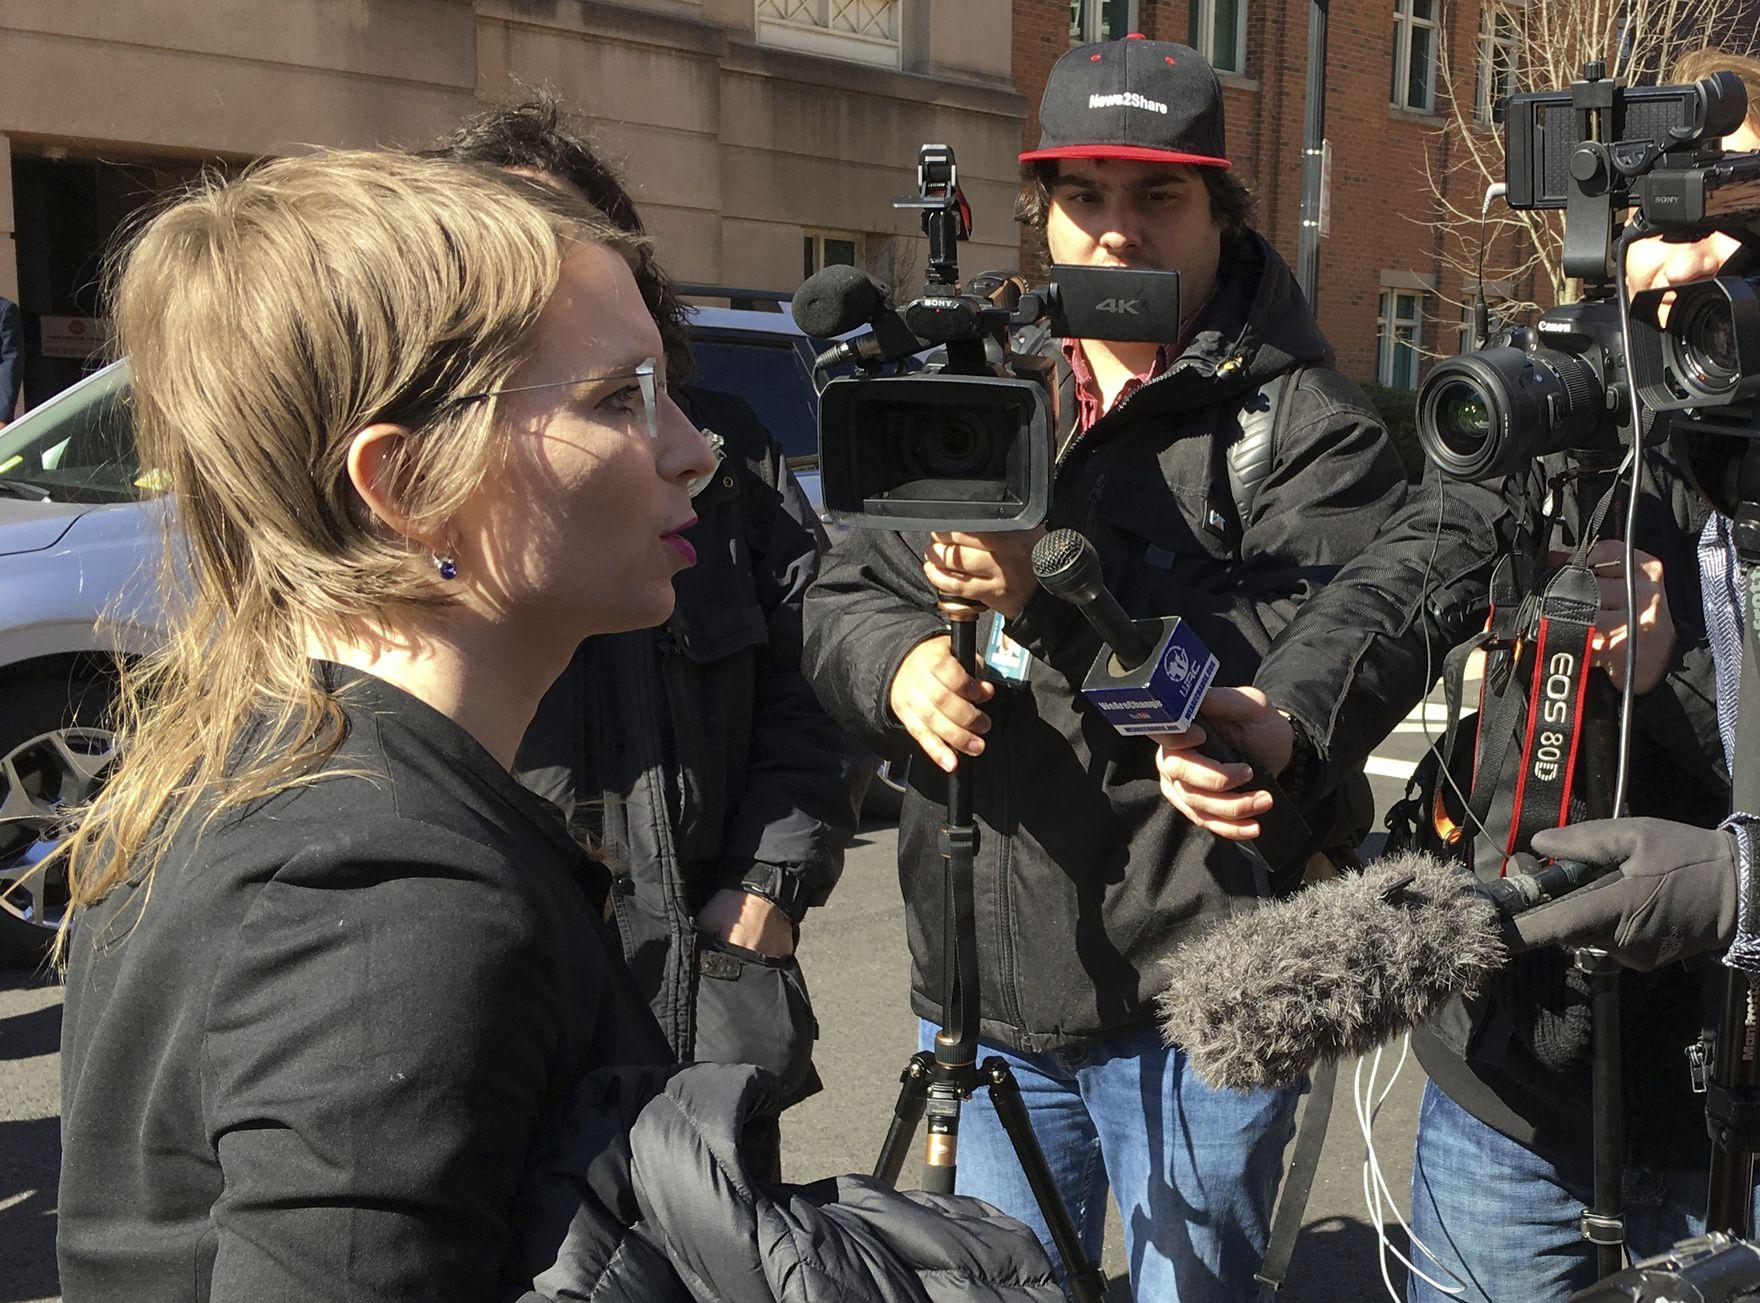 曼寧因為拒絕向大陪審團作供,法官昨日下令再度把她收監。AP